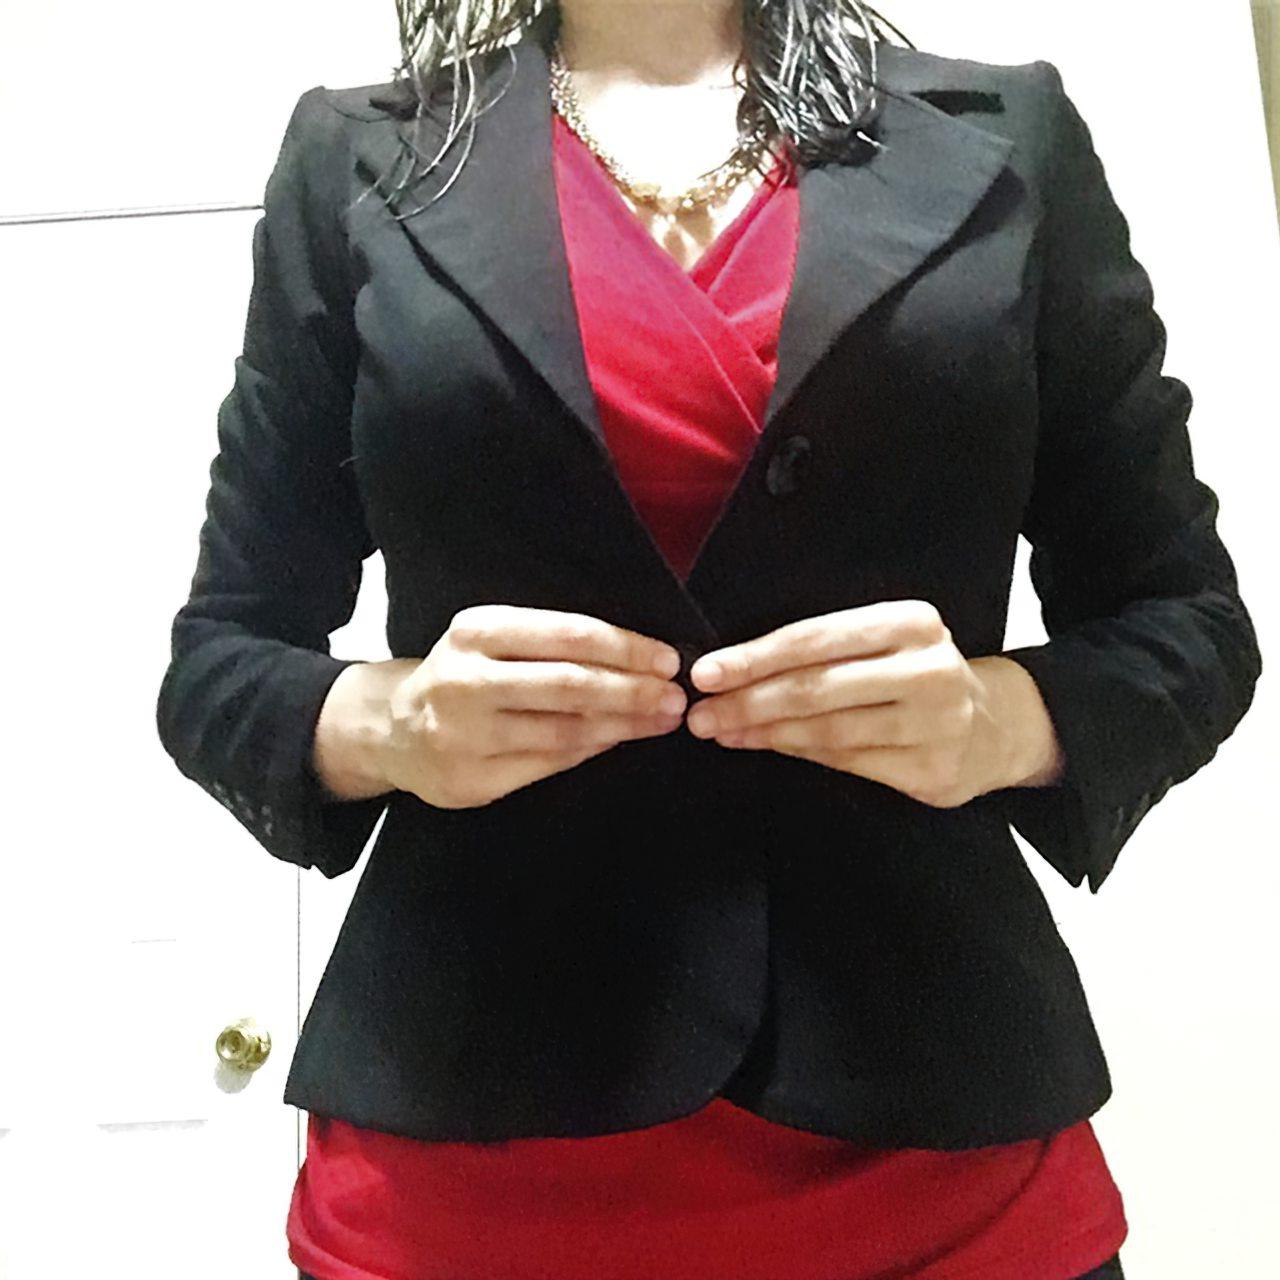 Amadora Vestindo-se Para Ir Trabalhar (12)